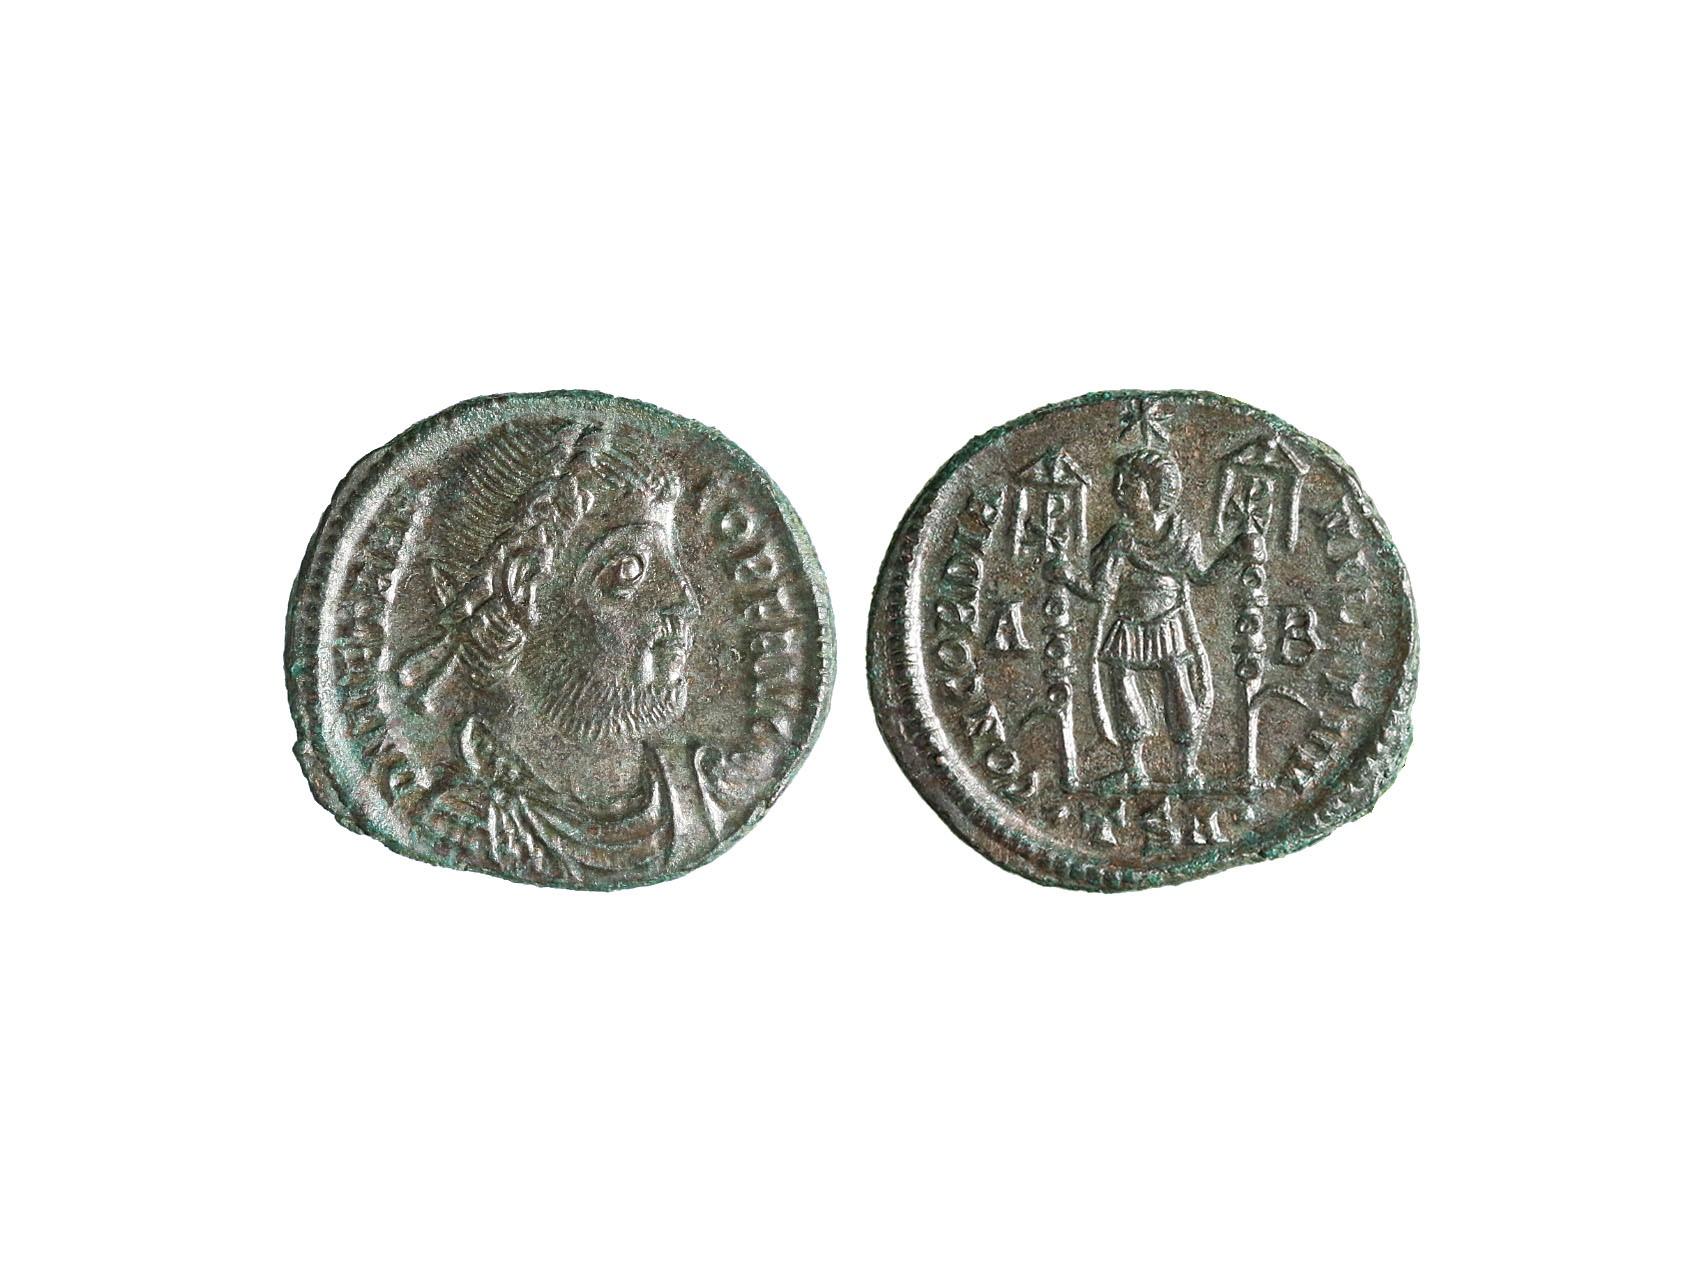 Řím císařství, Vitellius 350 n.l. - AE Maiorina